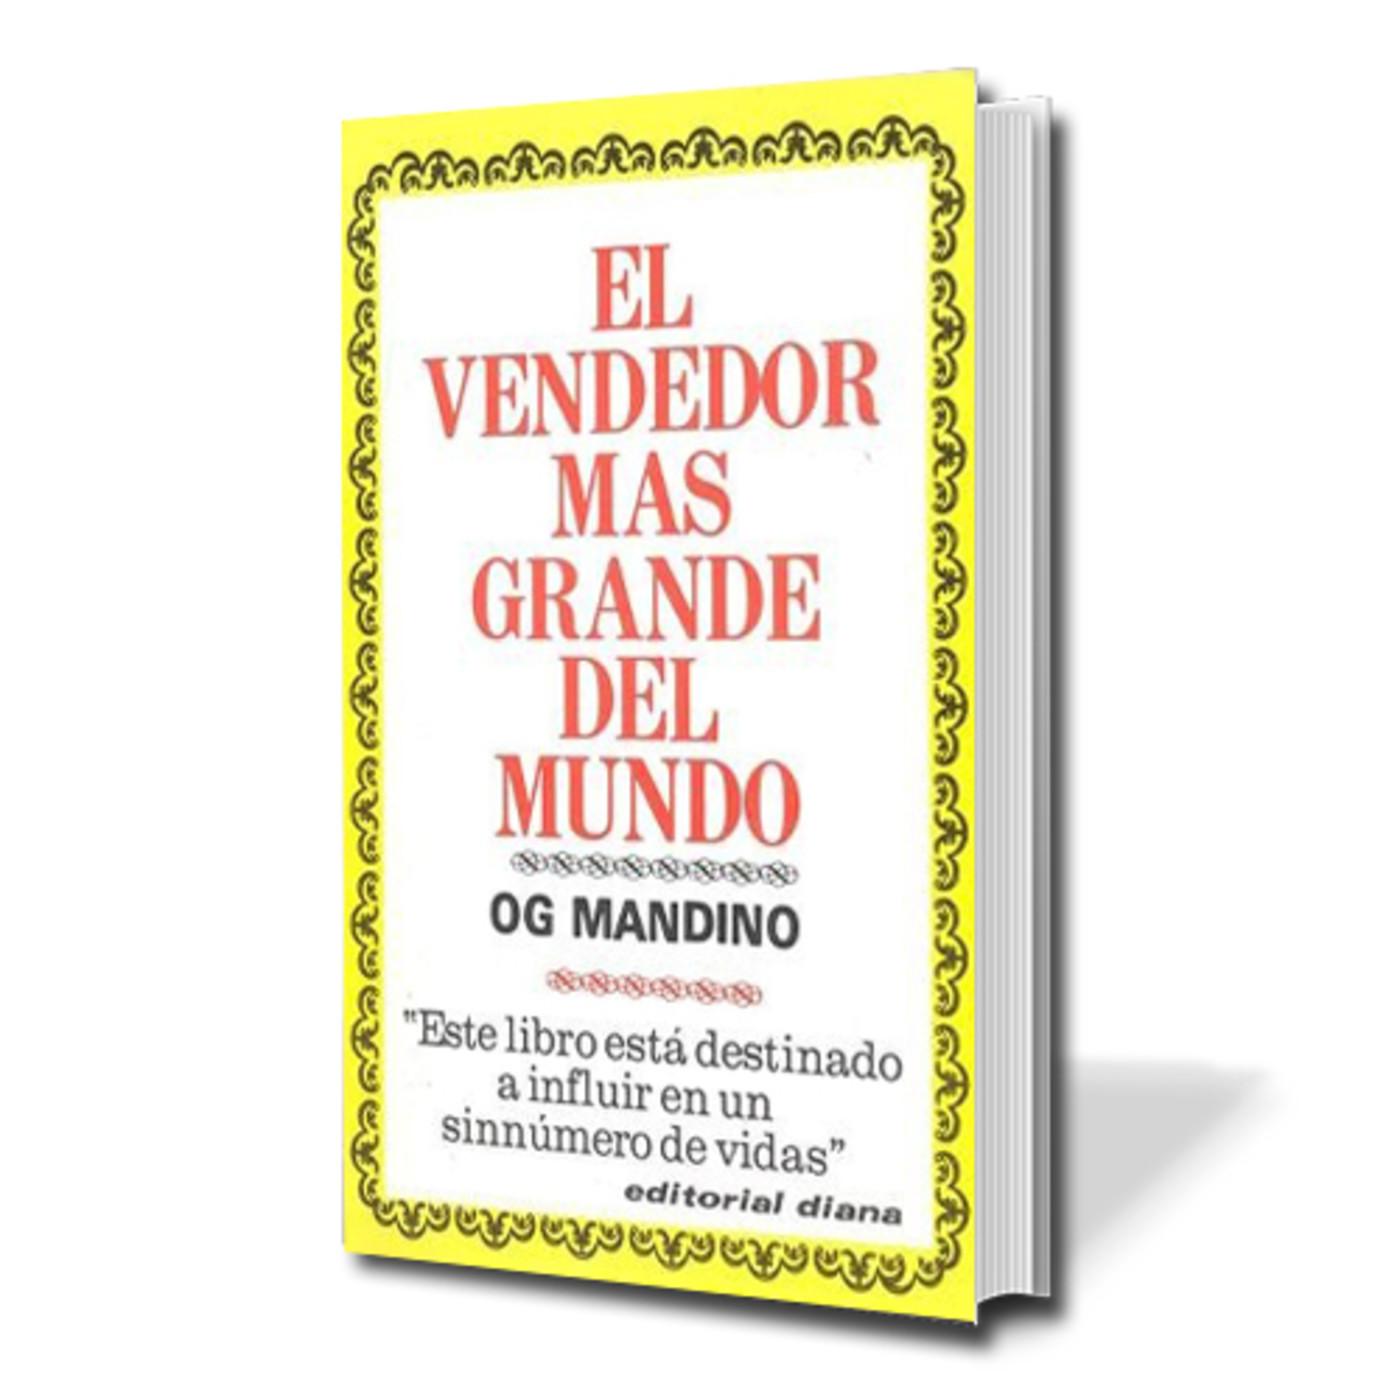 El Vendedor más grande del Mundo - Og Mandino en AUDIOLIBROS en mp3(16/08 a  las 02:02:30) 01:25:52 27870130 - iVoox